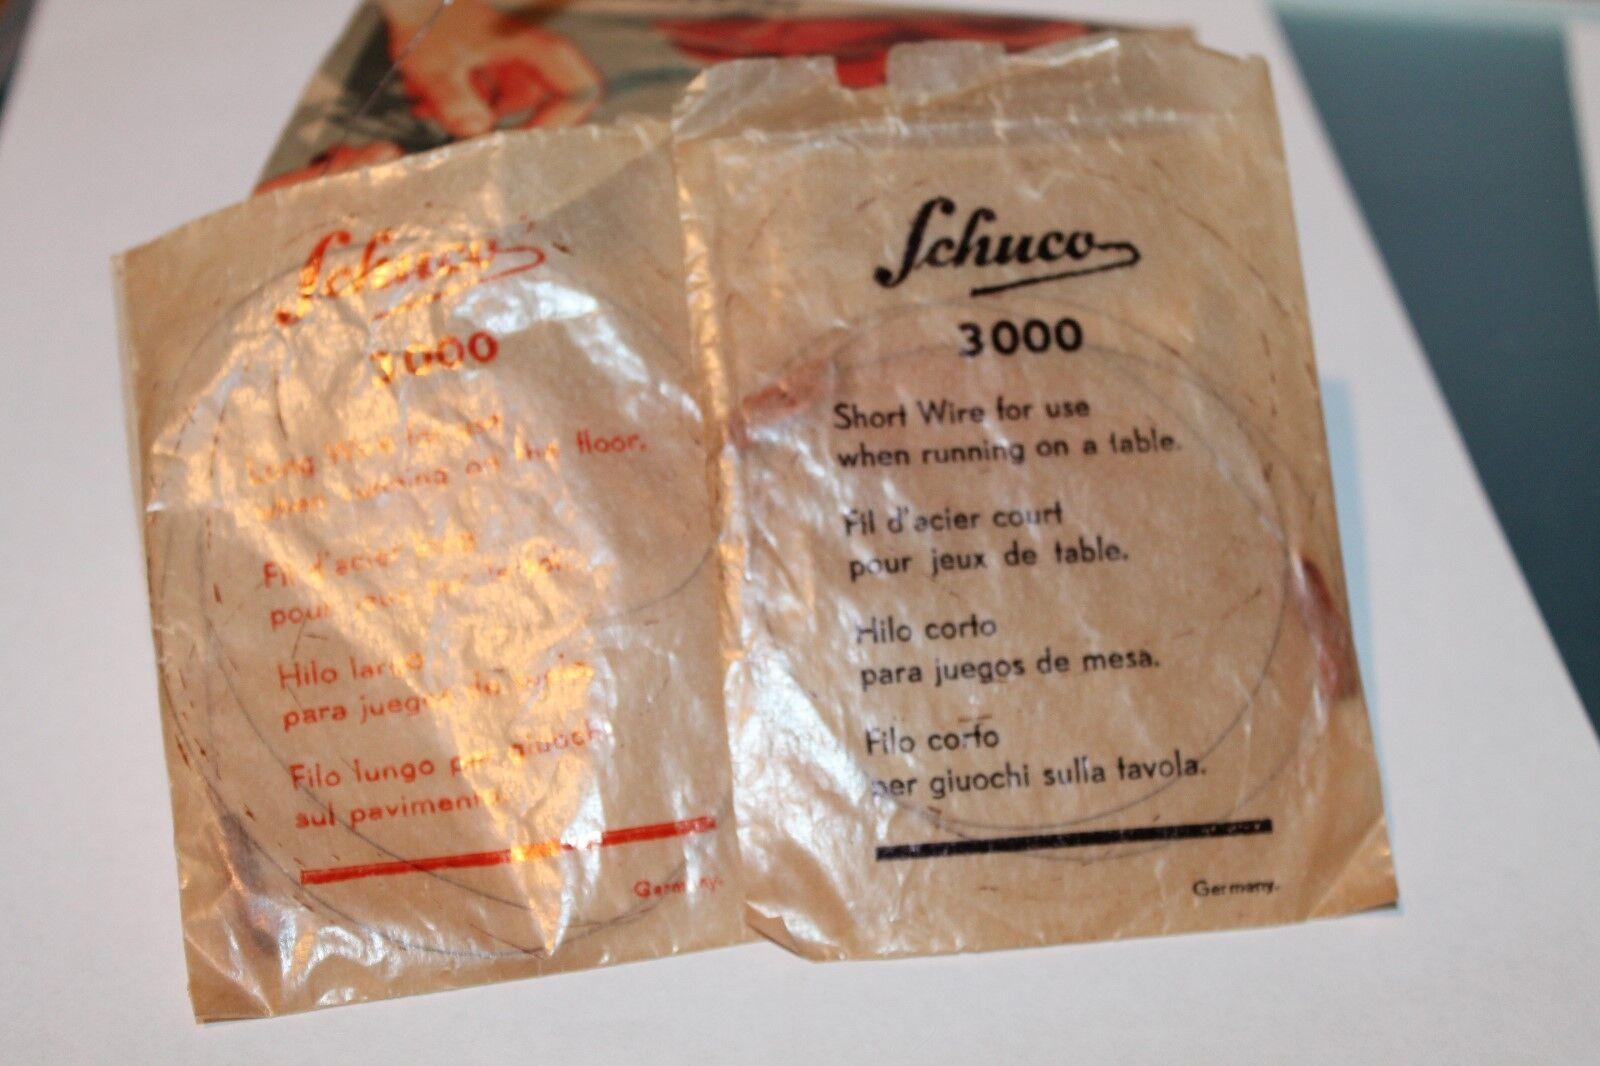 Schuco * fernlenkauto 3000 * * * * completamente intacto * rareza * versión inglesa bfe696